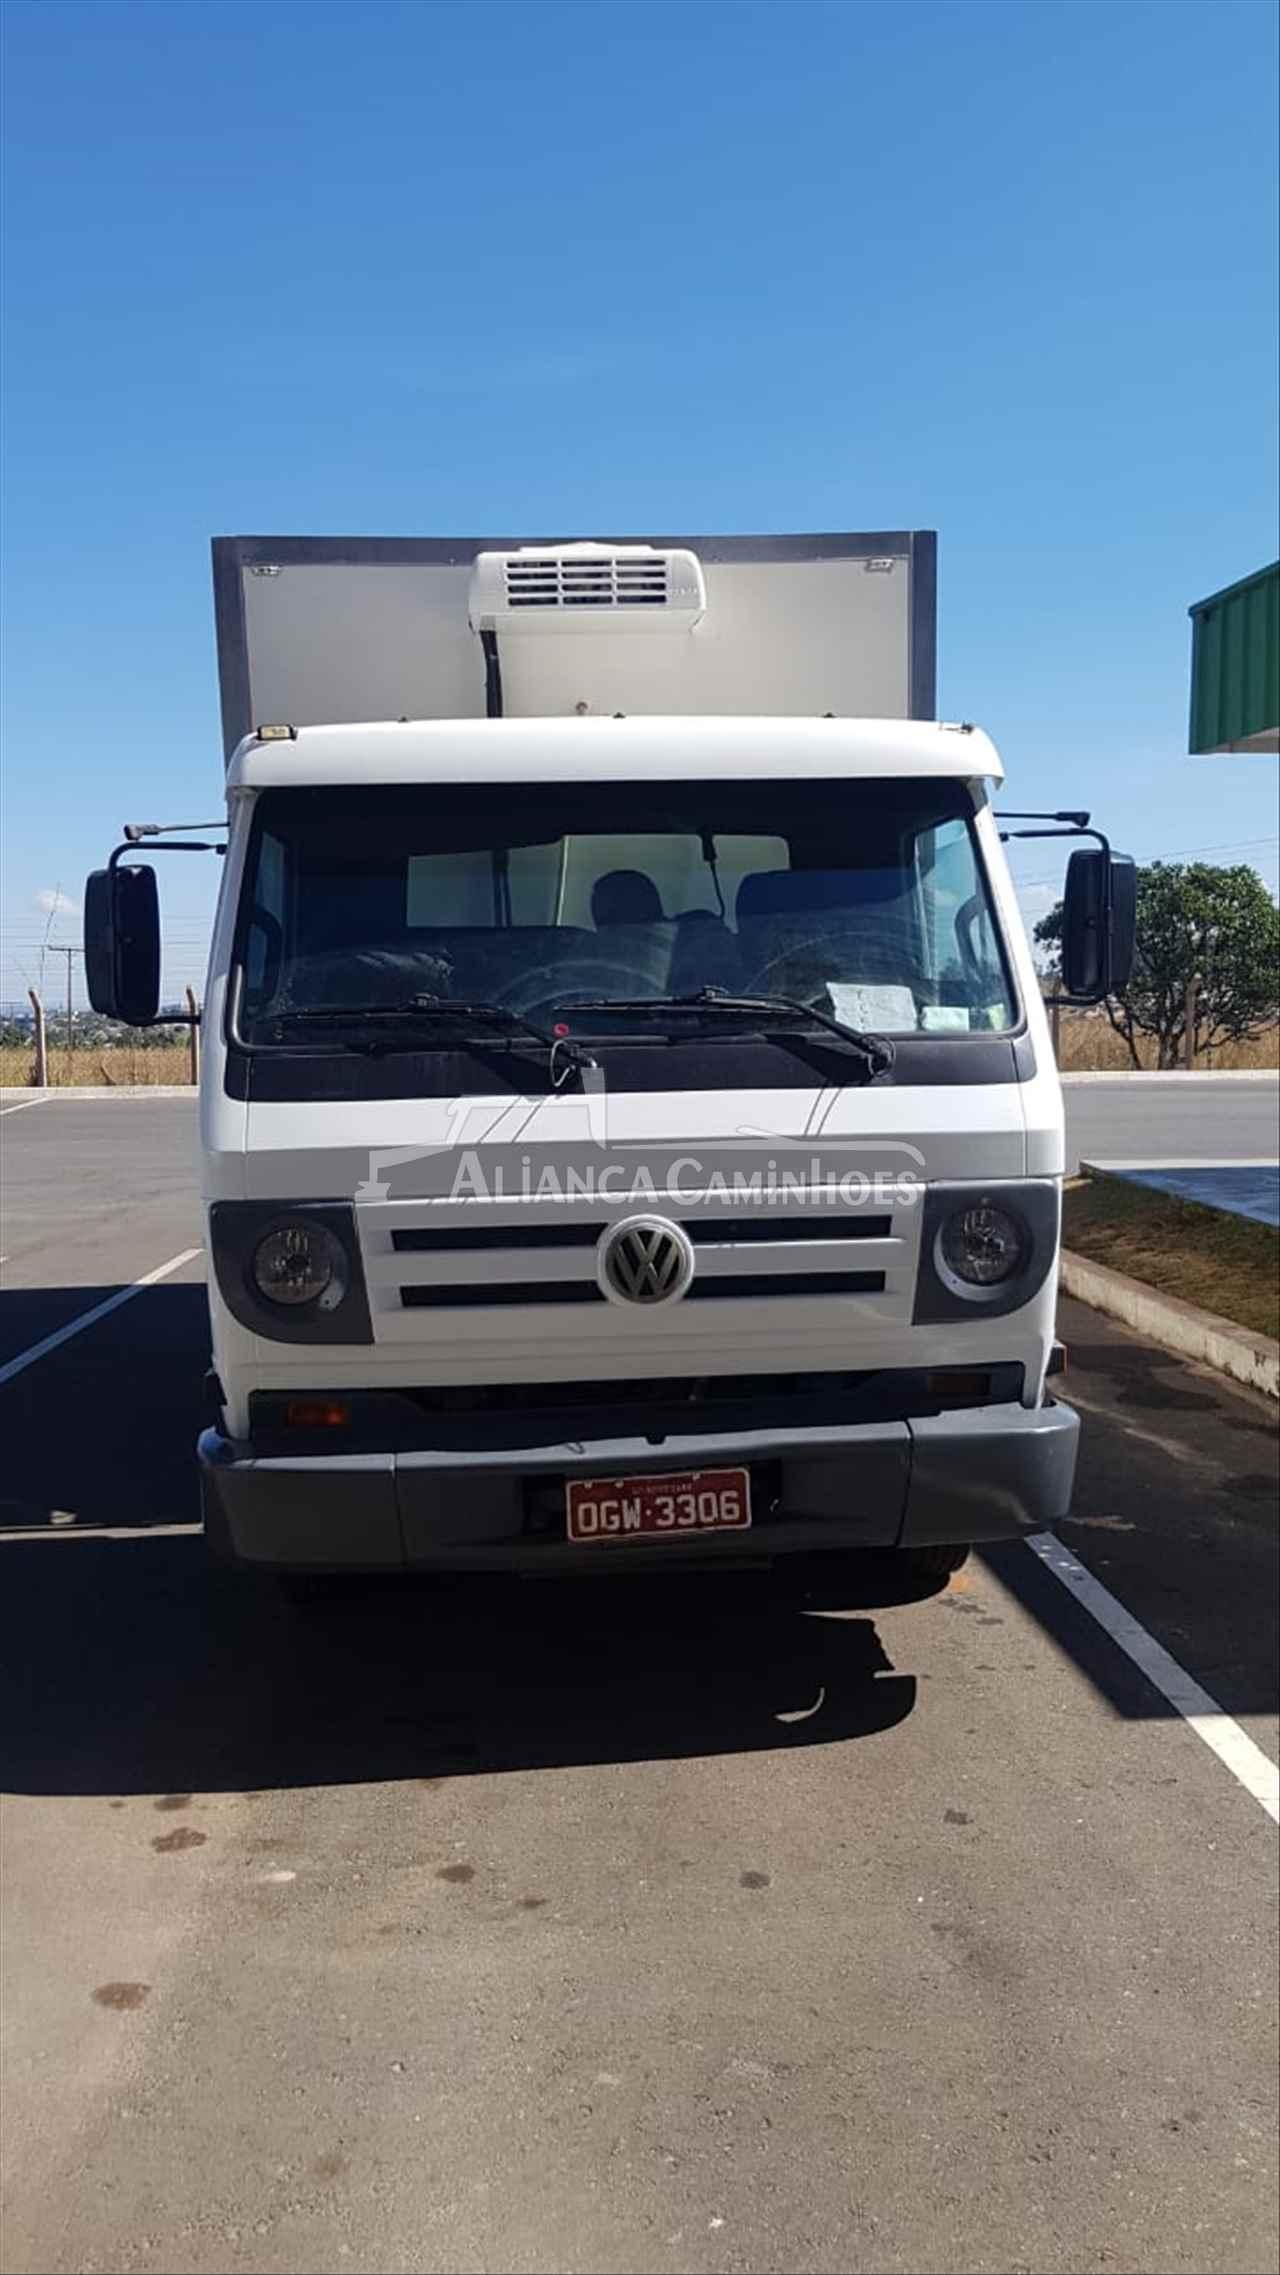 CAMINHAO VOLKSWAGEN VW 8150 Baú Térmico 3/4 4x2 Aliança Caminhões LUIS EDUARDO MAGALHAES BAHIA BA